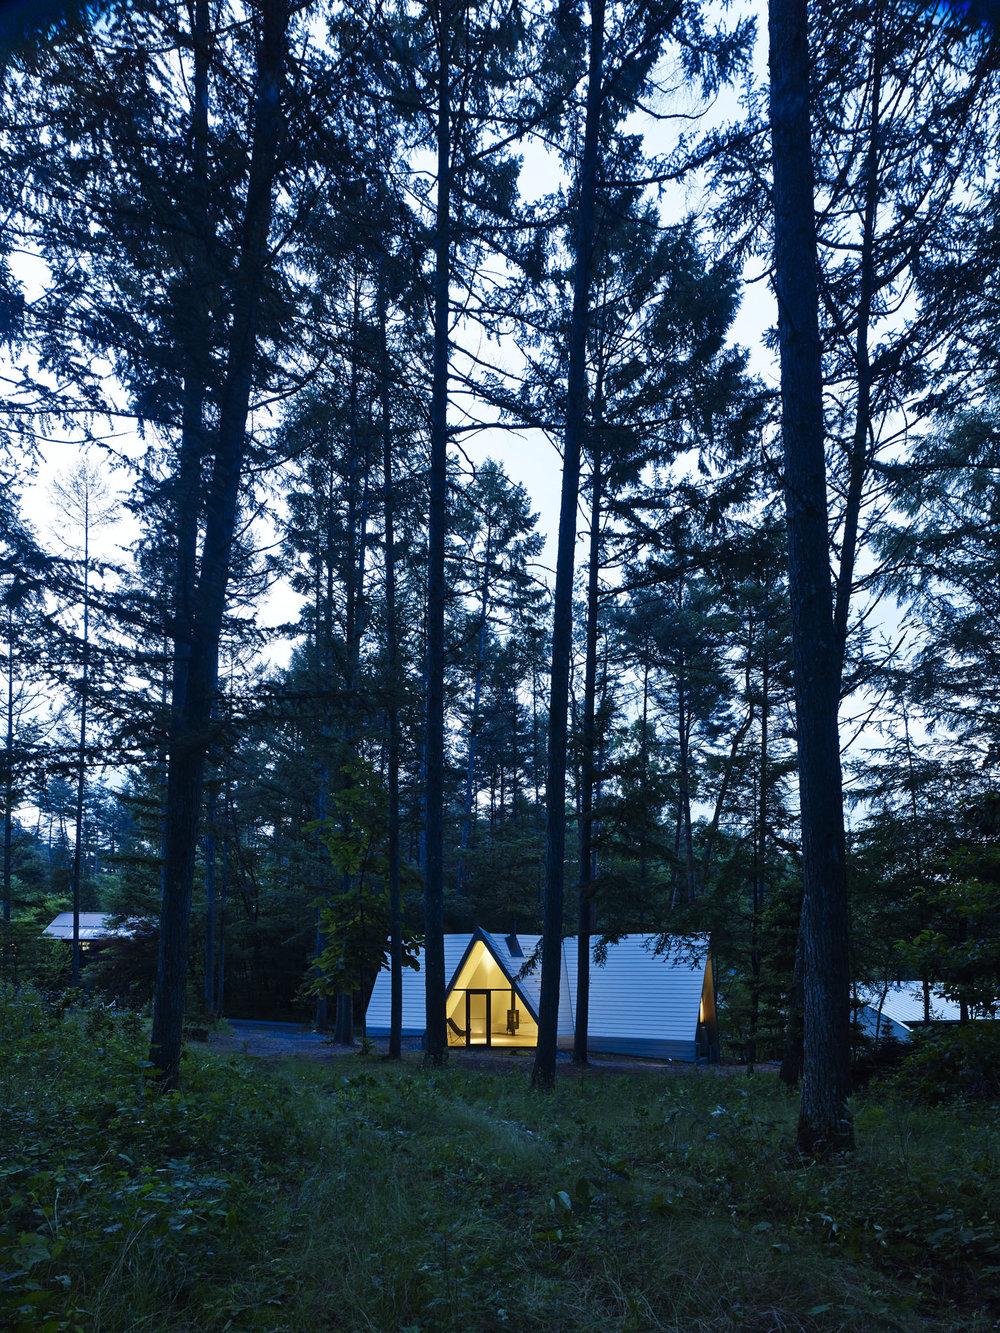 067_安曇野の山荘.jpg